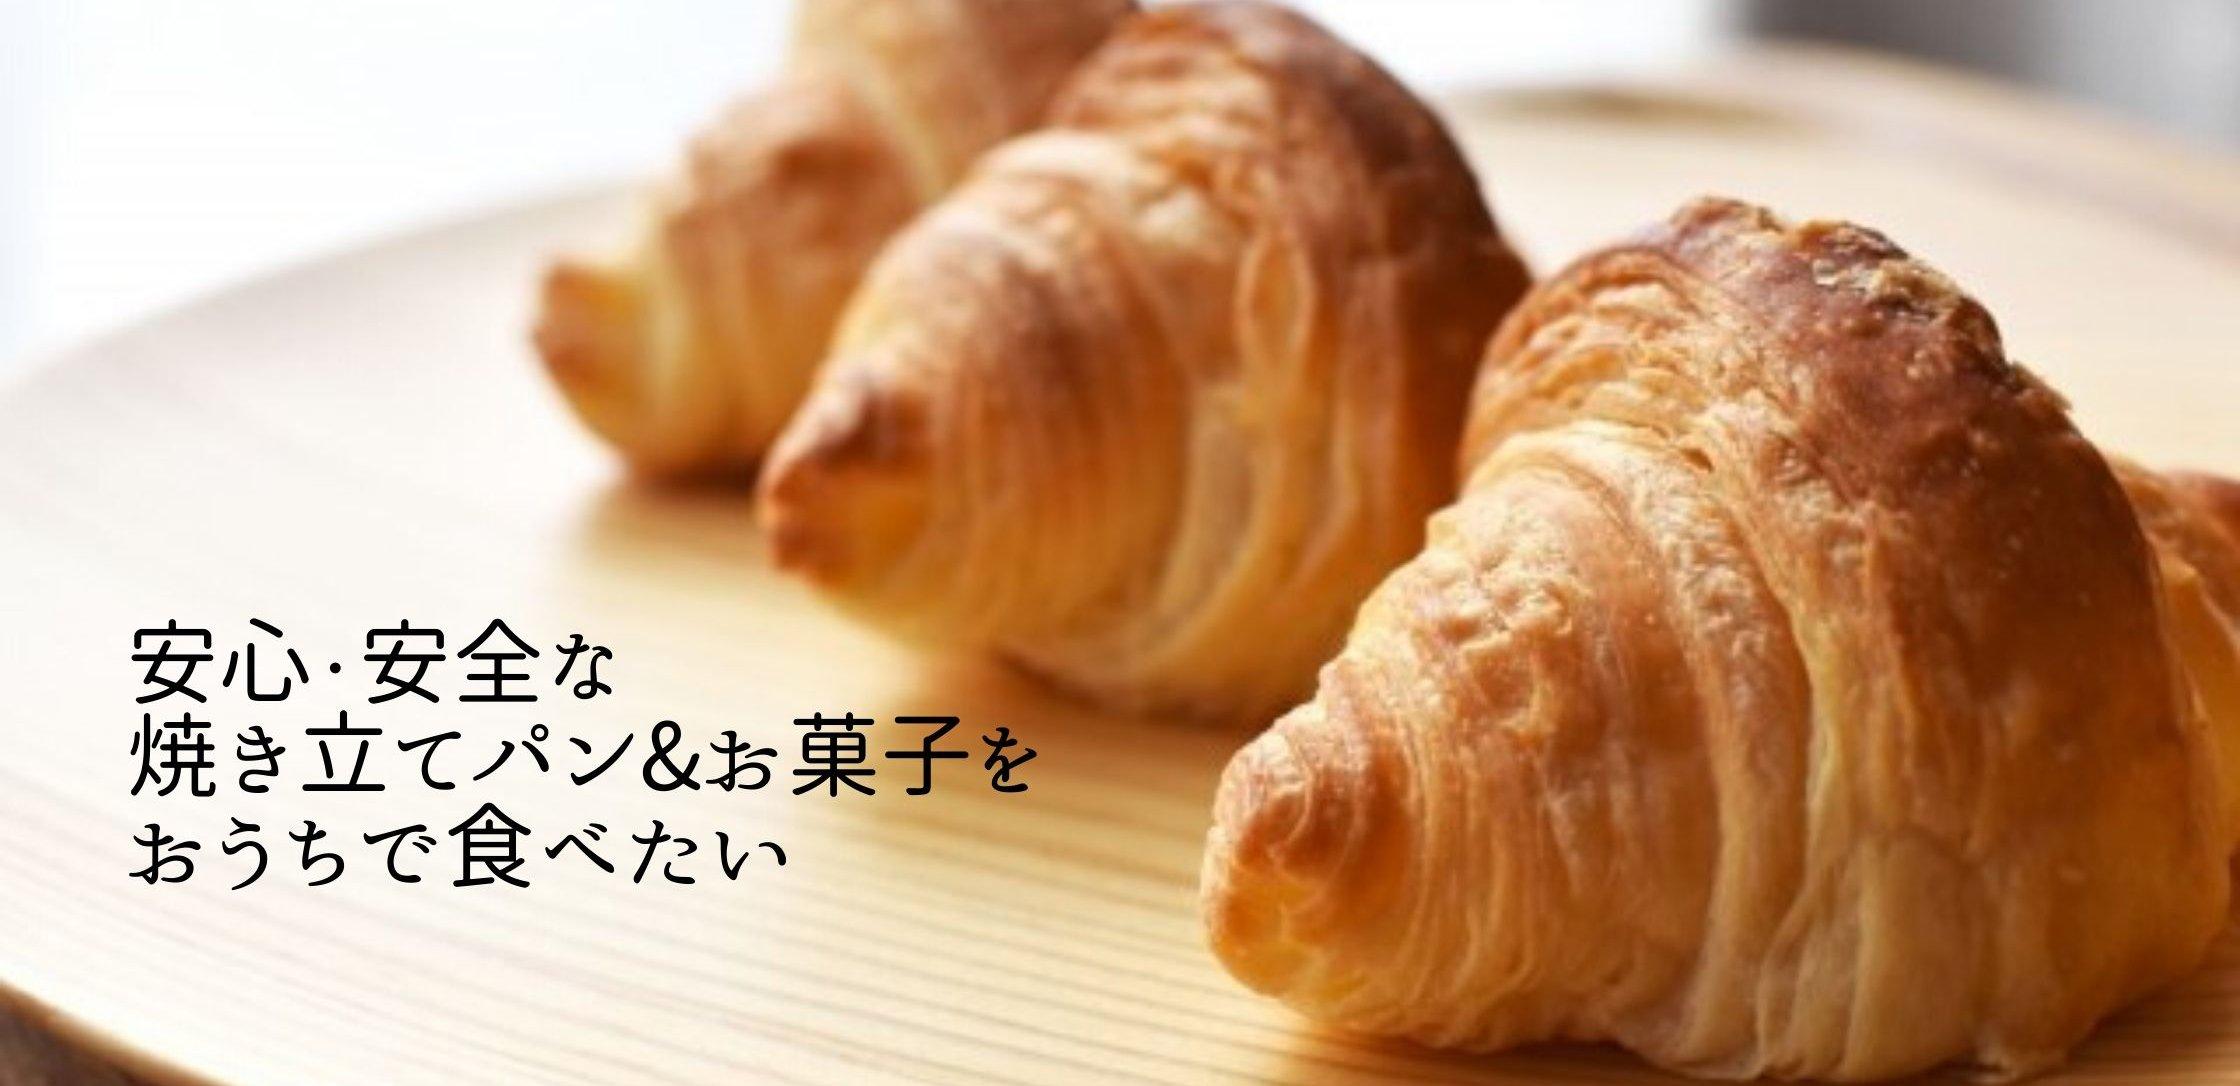 横須賀パン&お菓子教室ルミエル